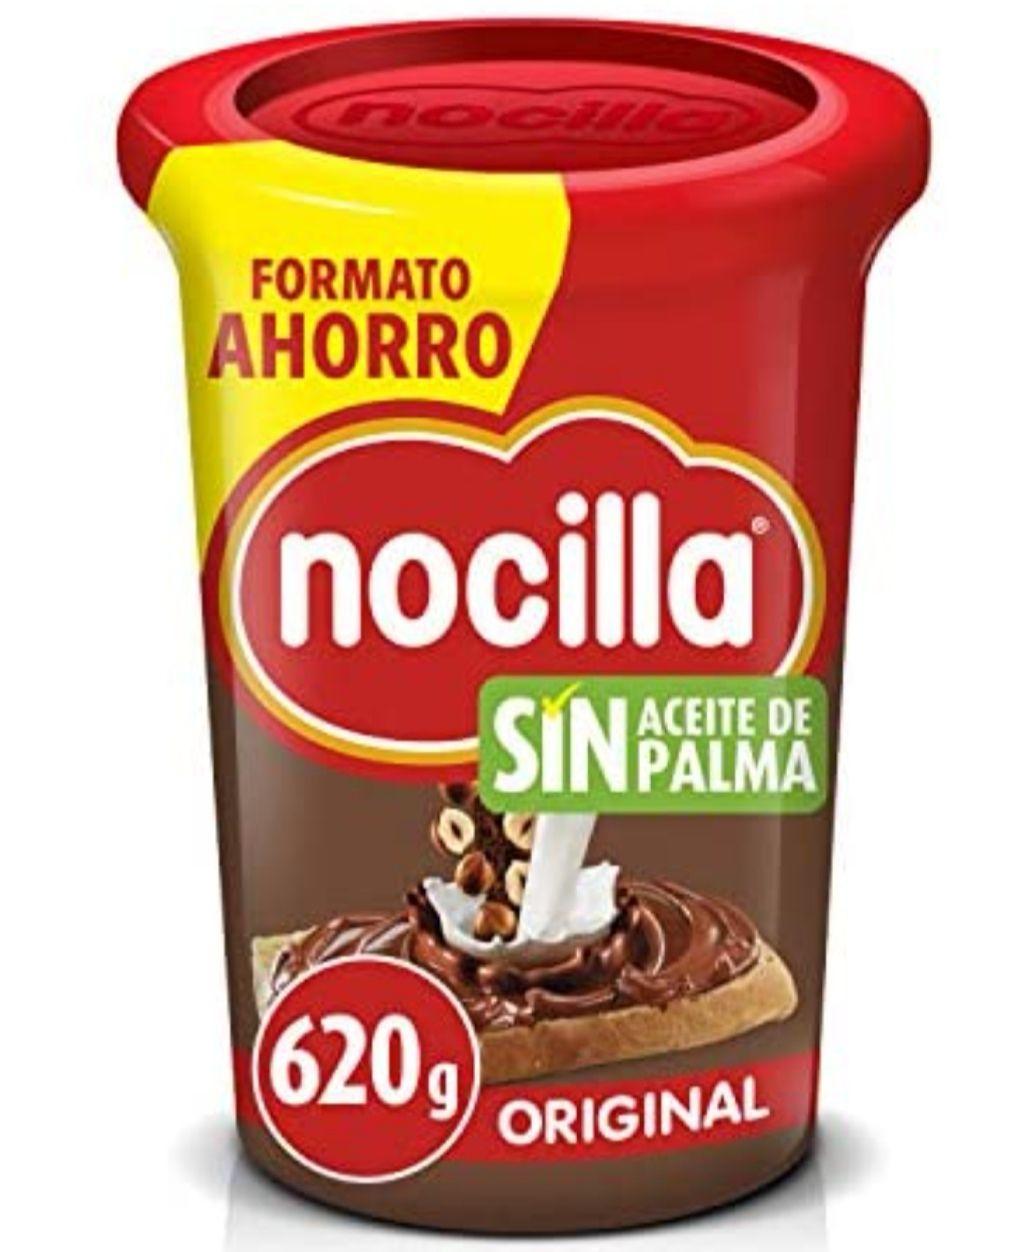 Nocilla Original-Sin Aceite de Palma: Crema de Cacao 620g